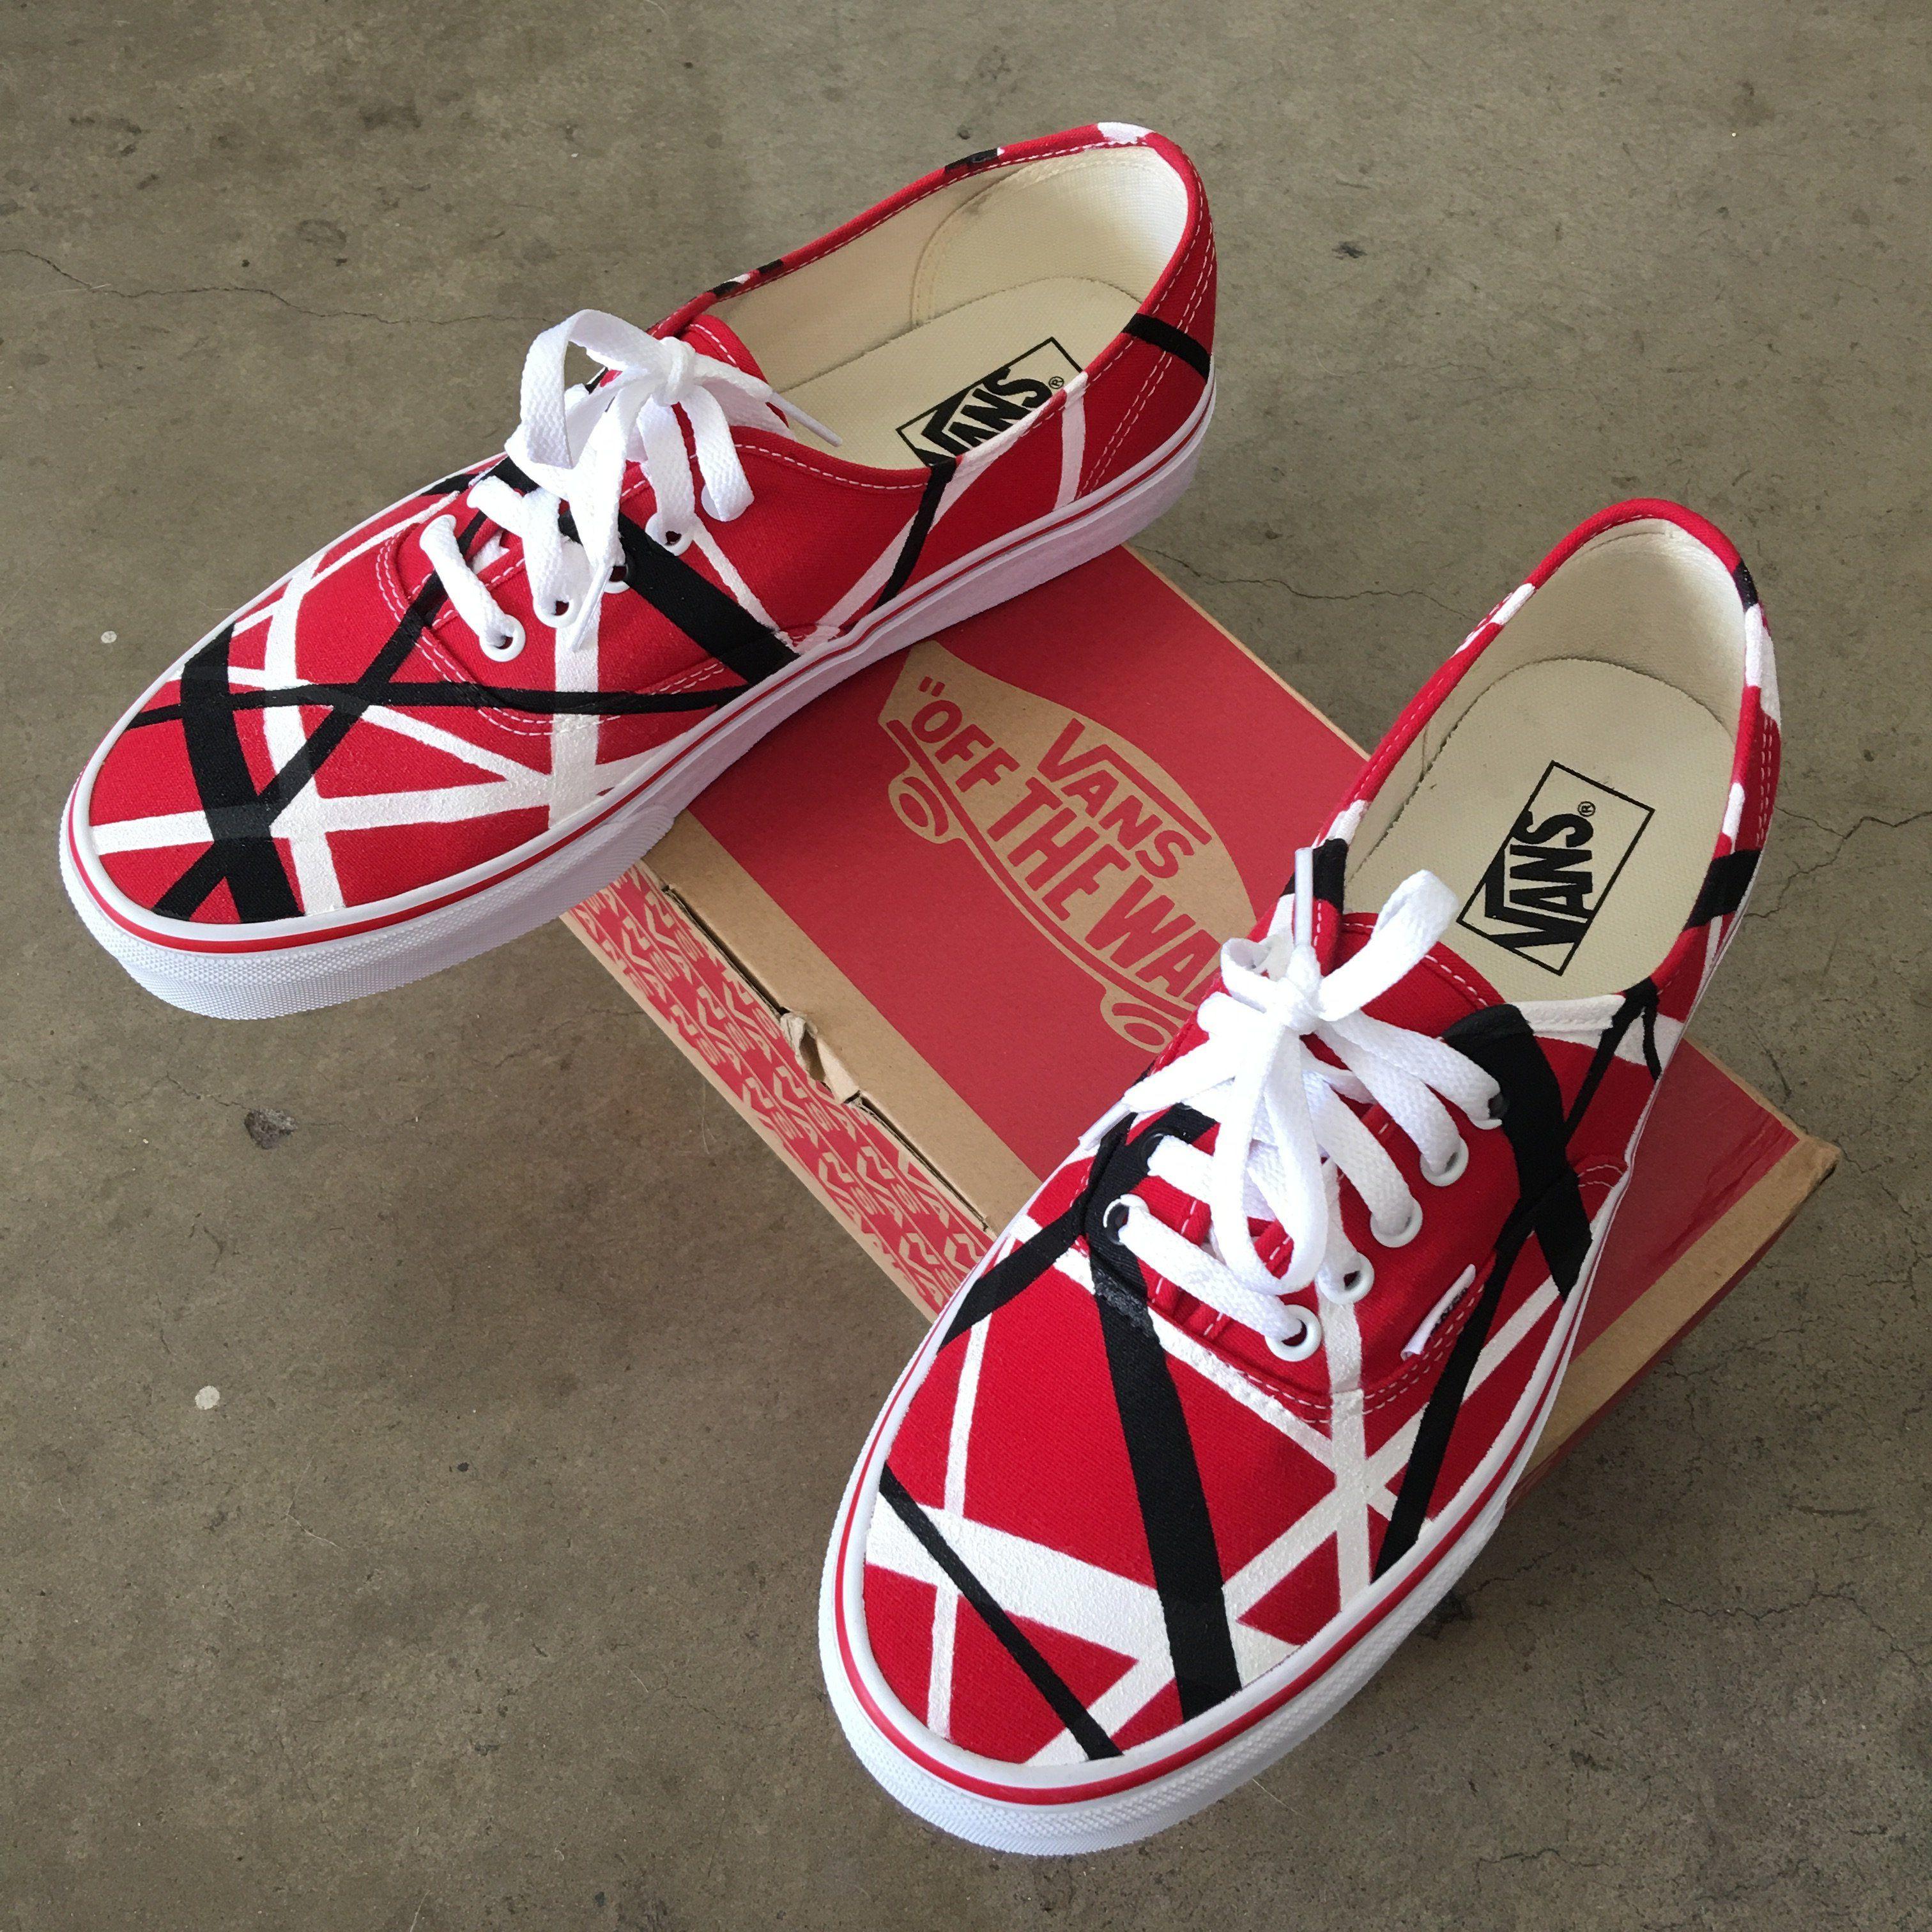 vans shoes queenstown